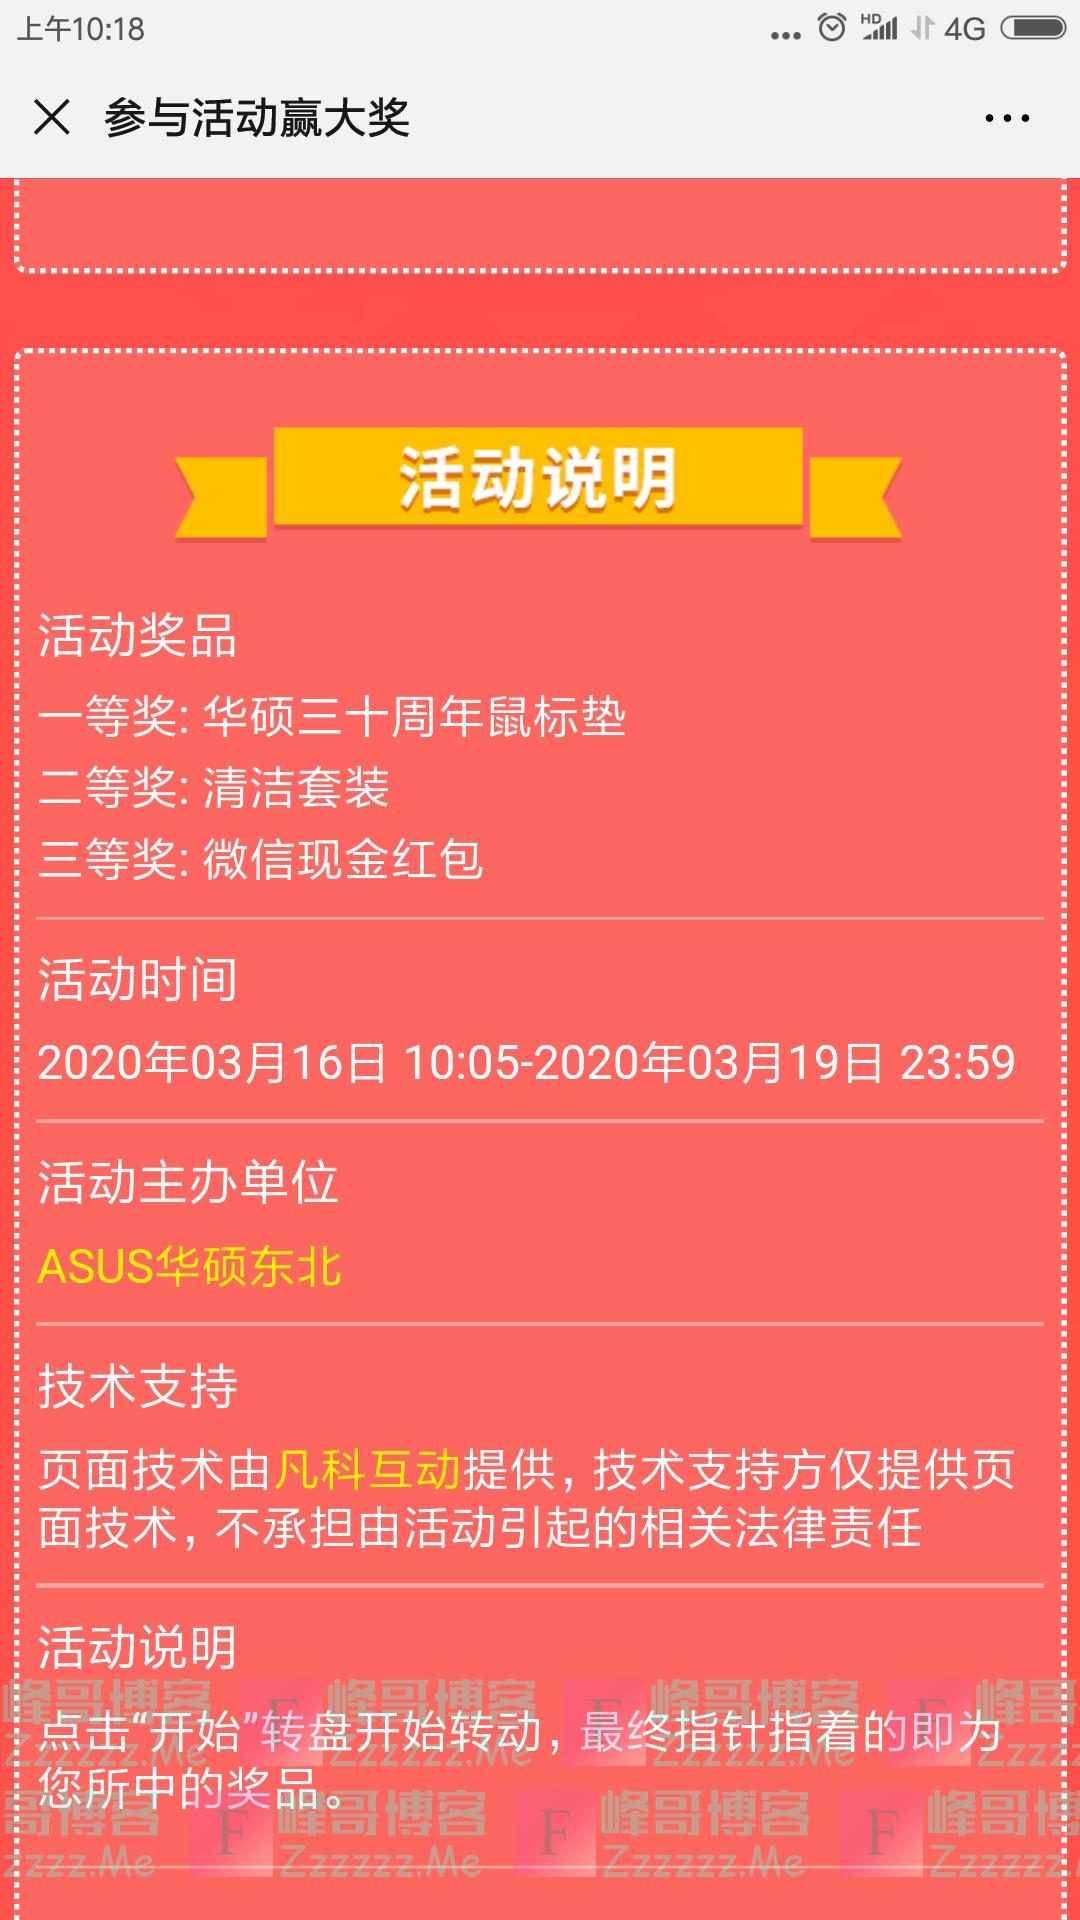 ASUS华硕东北新一期抢红包(截止3月19日)